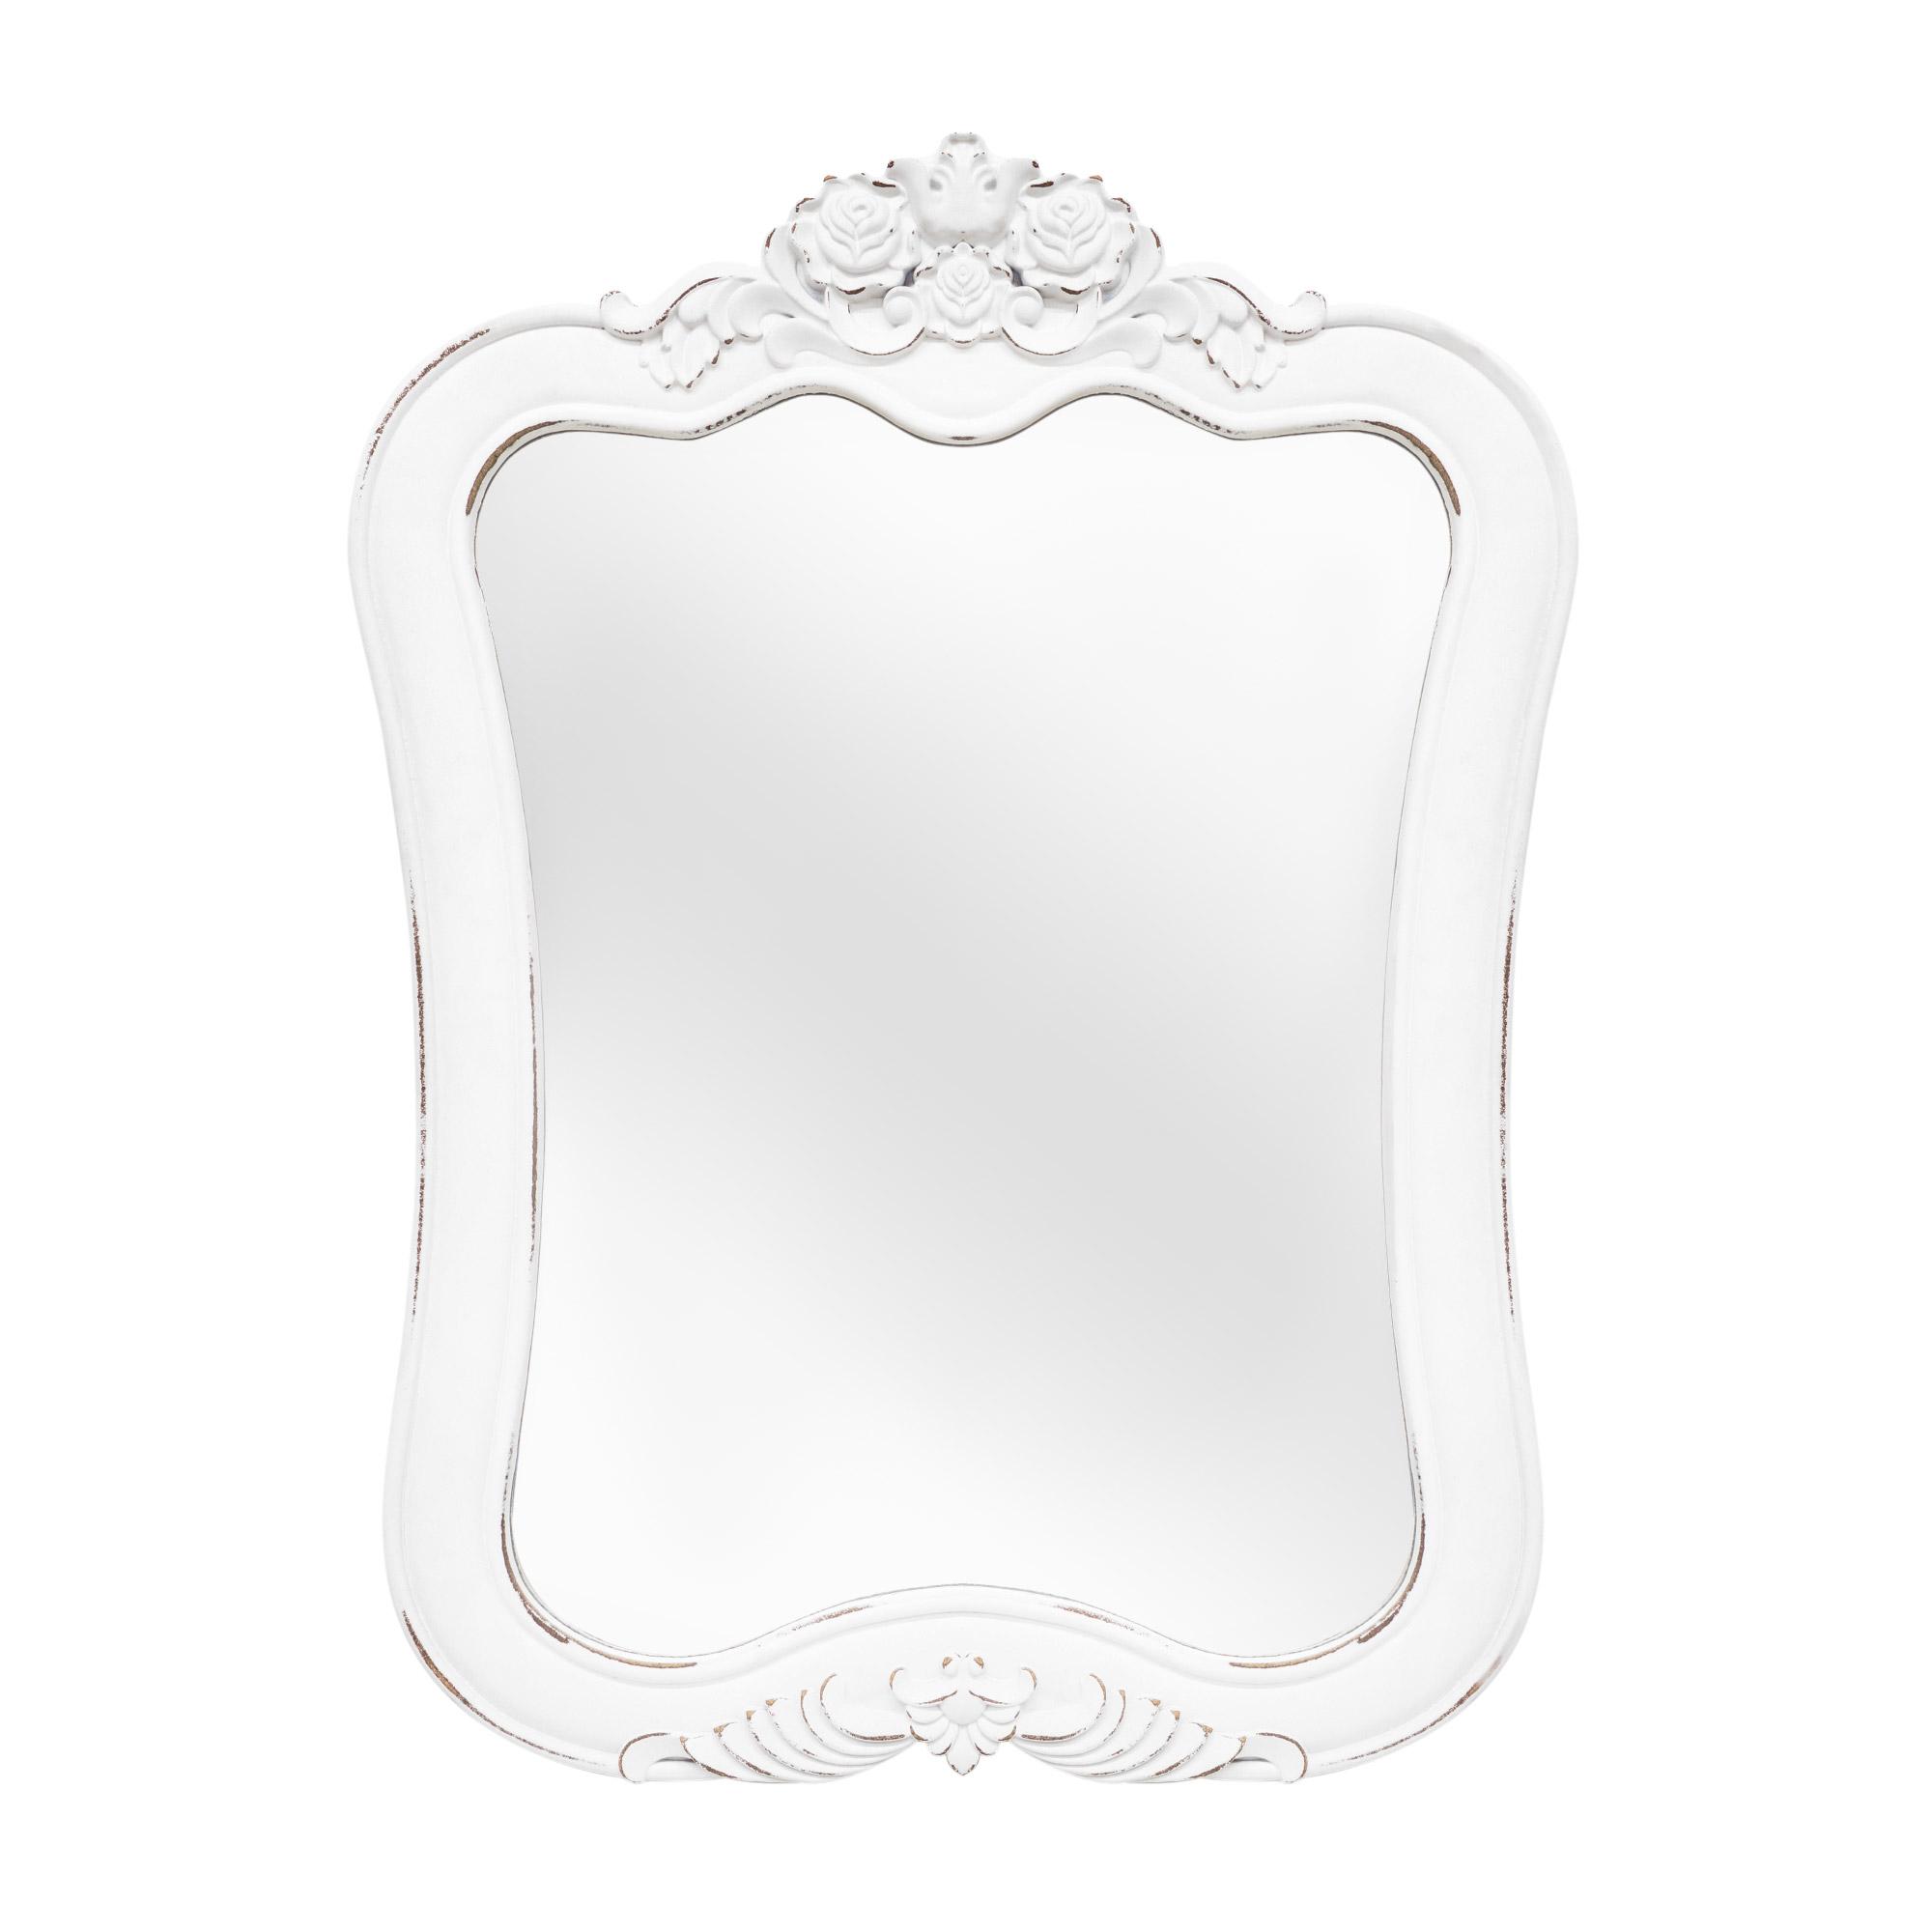 Купить Зеркало декоративное Dekor pap 80х59.5х2см, белый